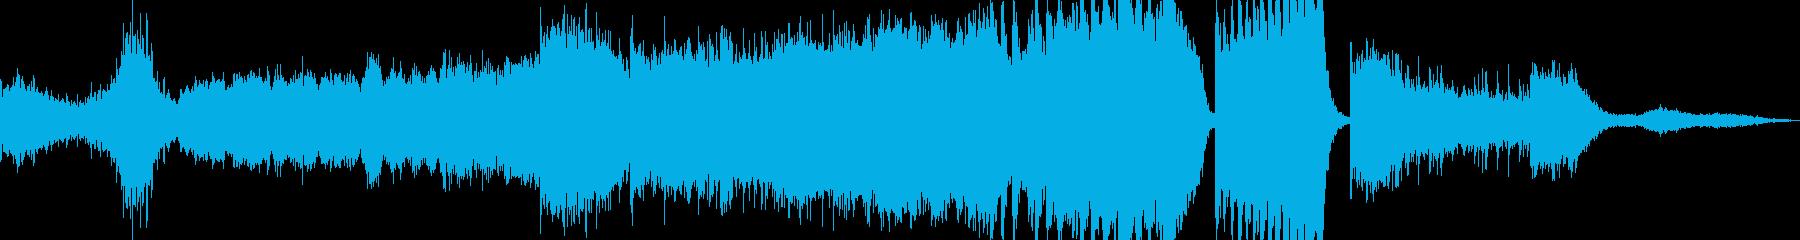 ストリングスによる壮大な長編曲の再生済みの波形